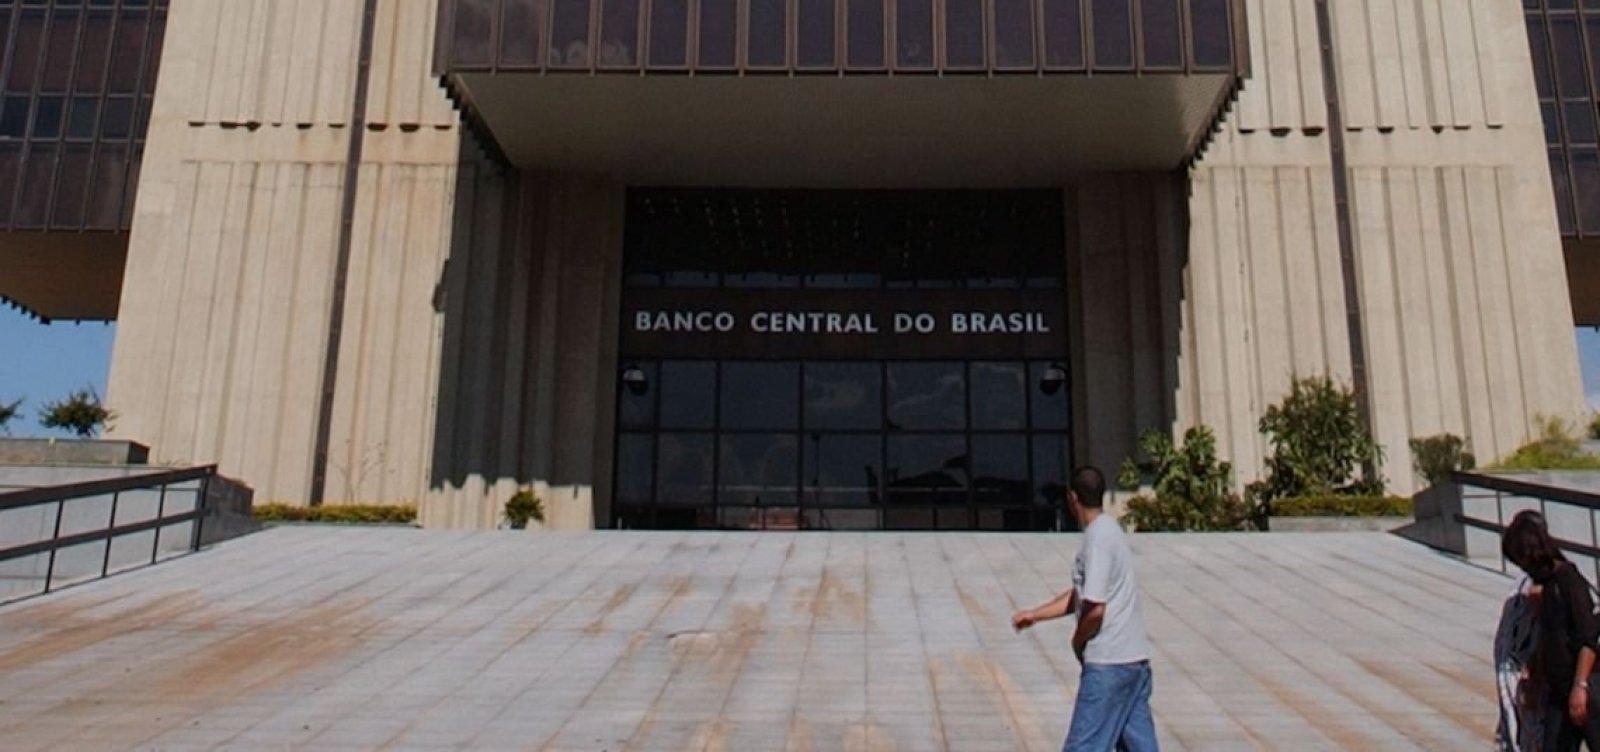 Mutirão do BC renegocia R$ 4,5 bi em dívidas, com desconto médio de 65%